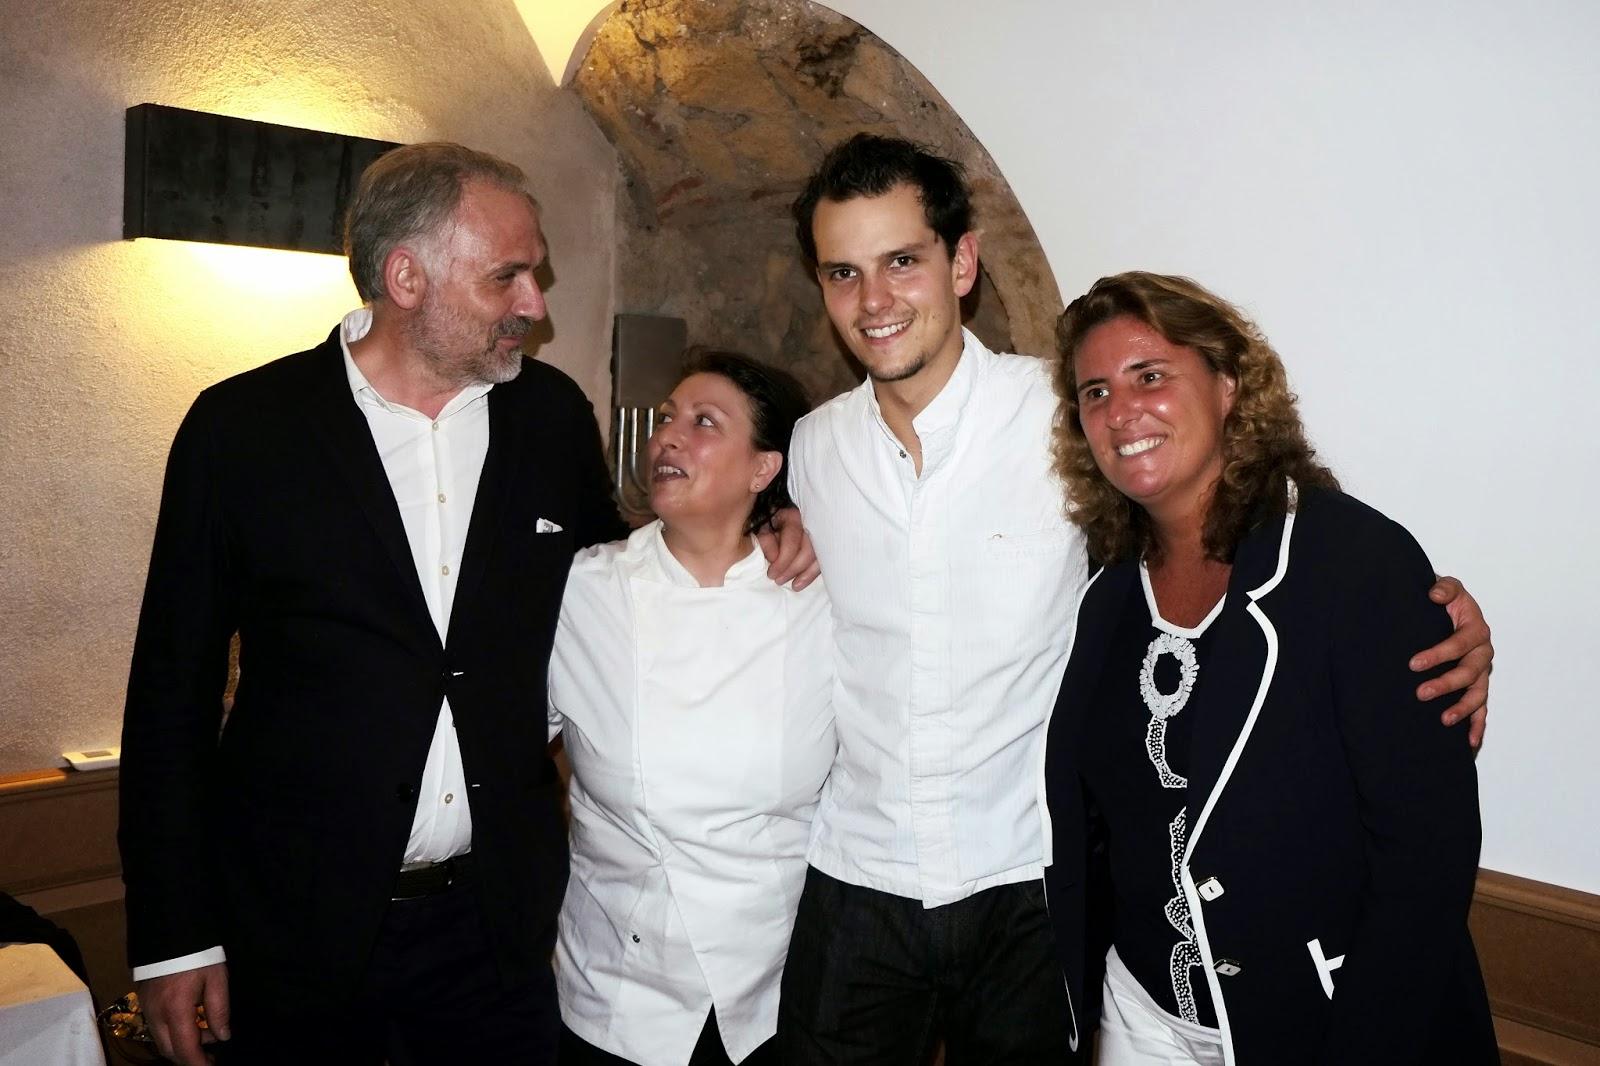 gnam - cucine aperte: napoli incontra parigi